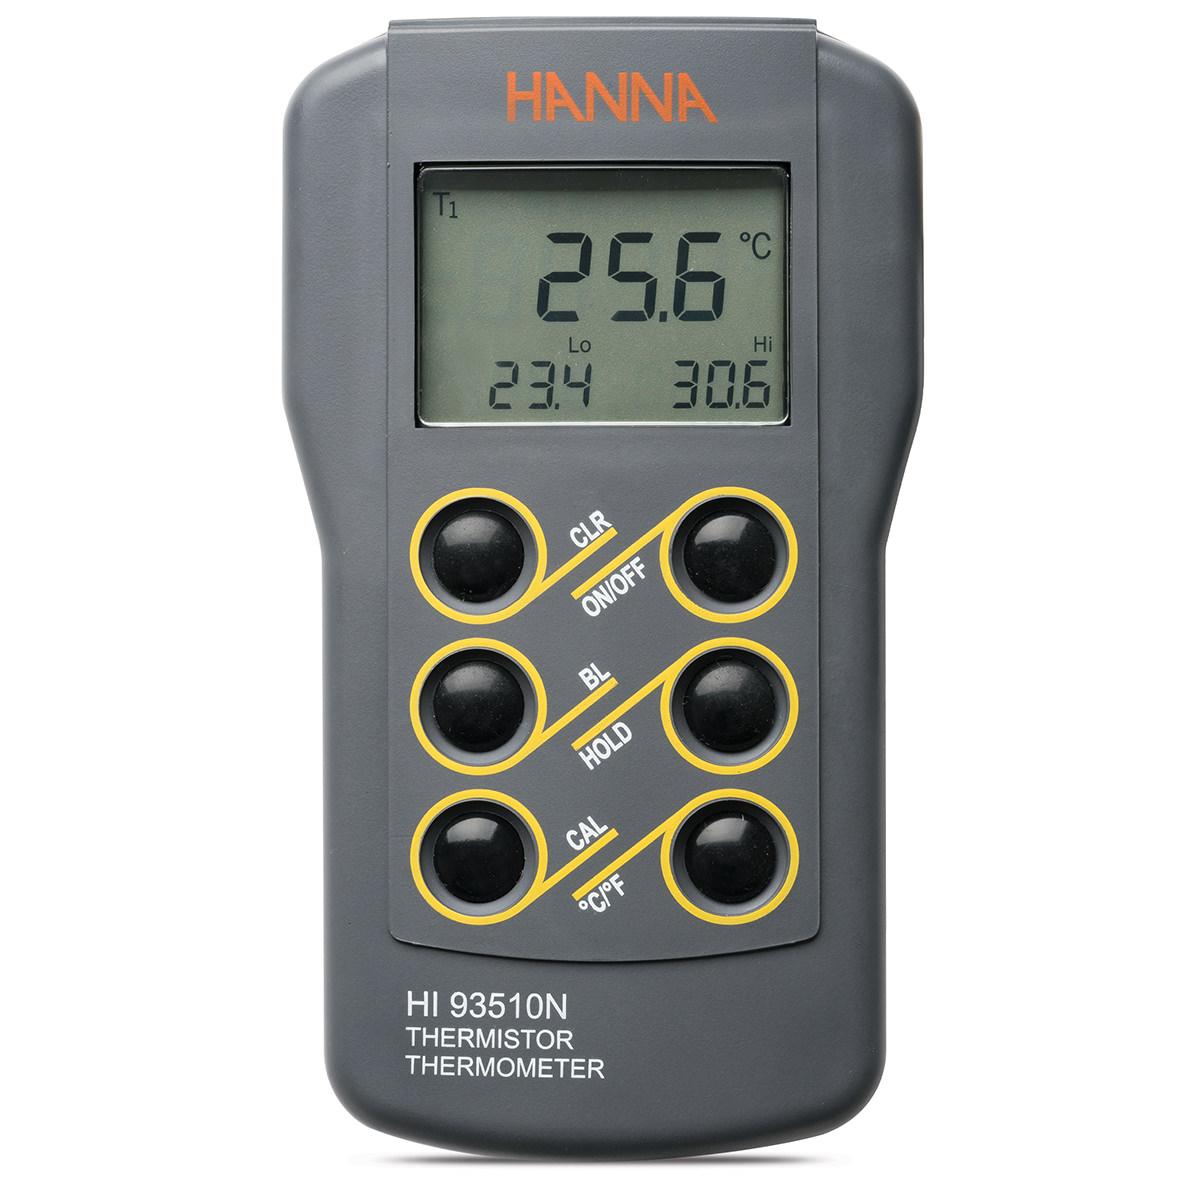 HI93510N Waterproof Thermistor Thermometer